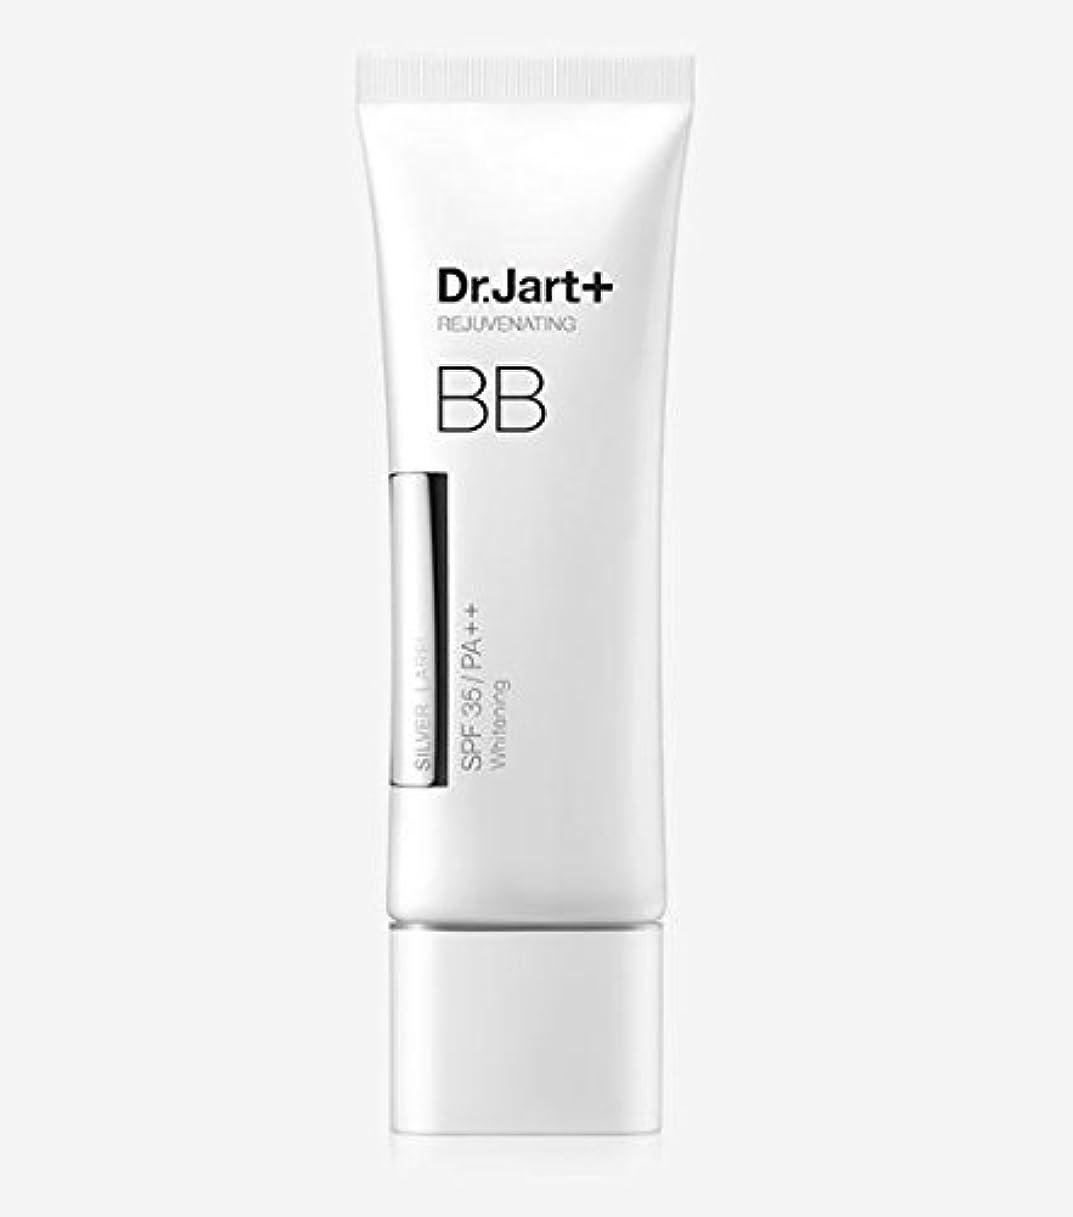 隠された免疫する先史時代の[Dr. Jart] Silver Label BB Rejuvenating Beauty Balm 50ml SPF35 PA++/[ドクタージャルト] シルバーラベル BB リジュビネイティング ビューティー バーム...